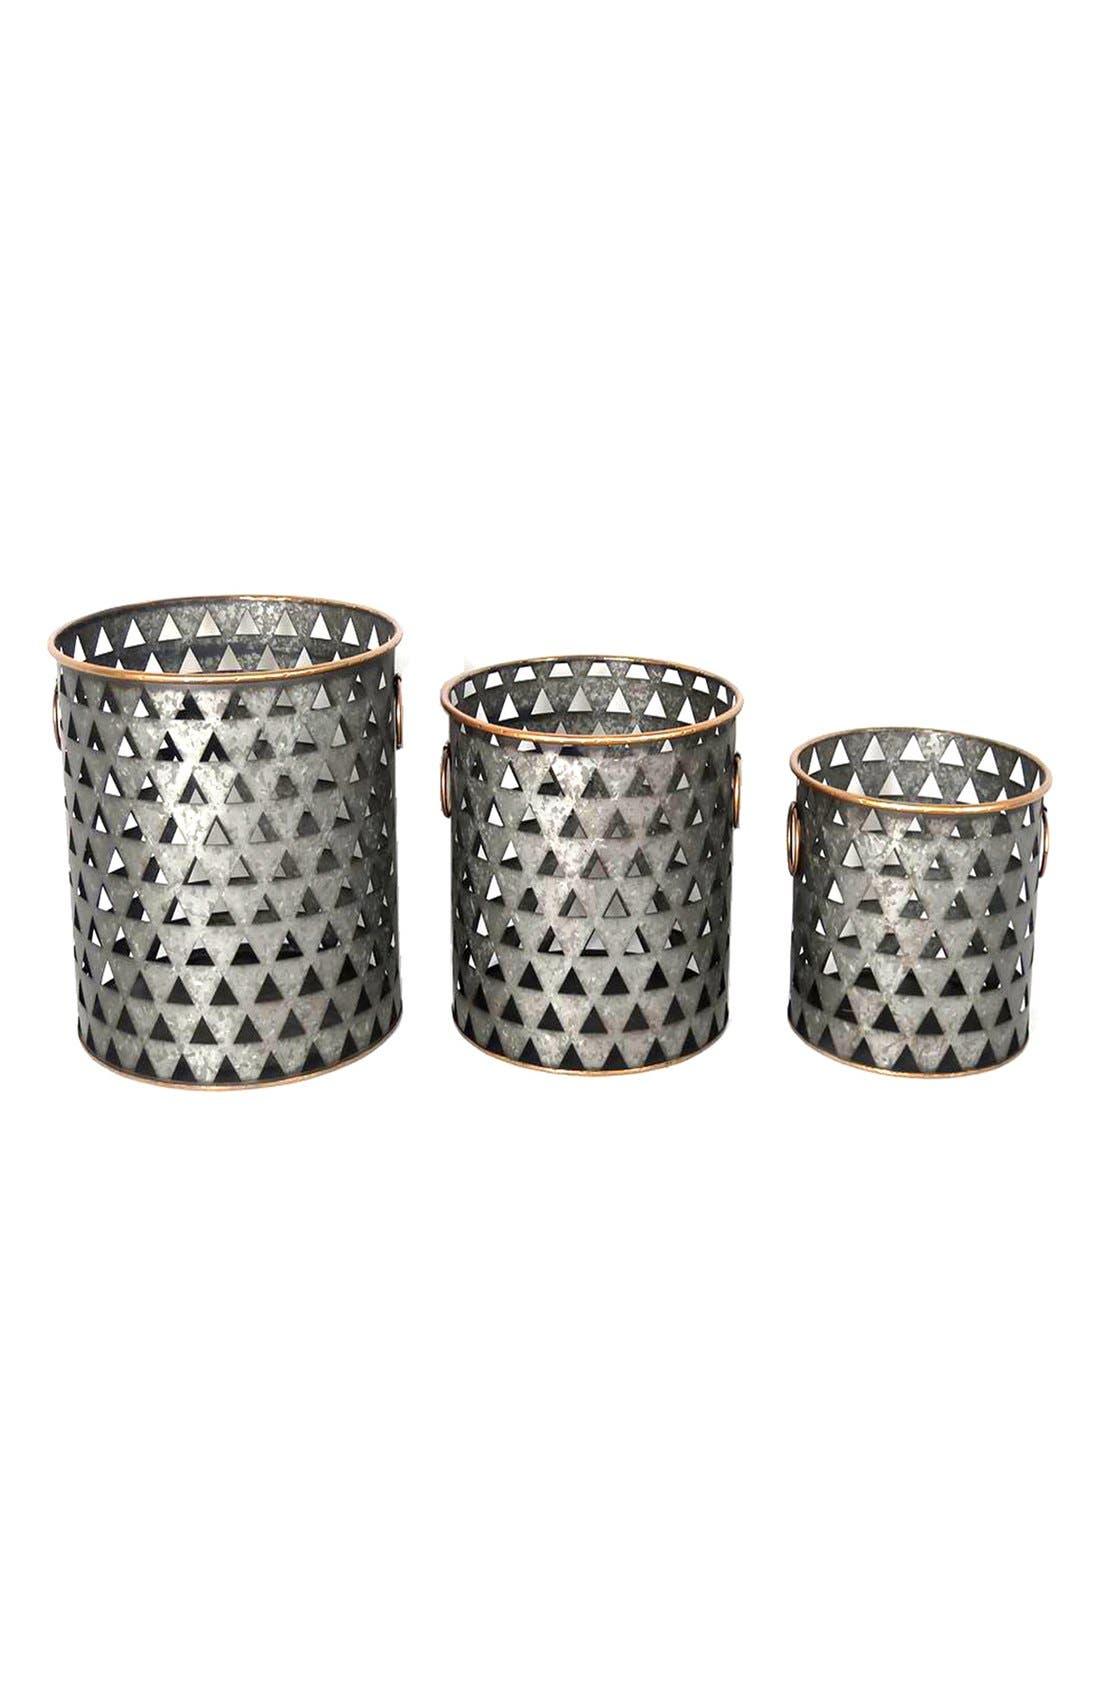 Alternate Image 1 Selected - Crystal Art Gallery Metal Baskets (Set of 3)